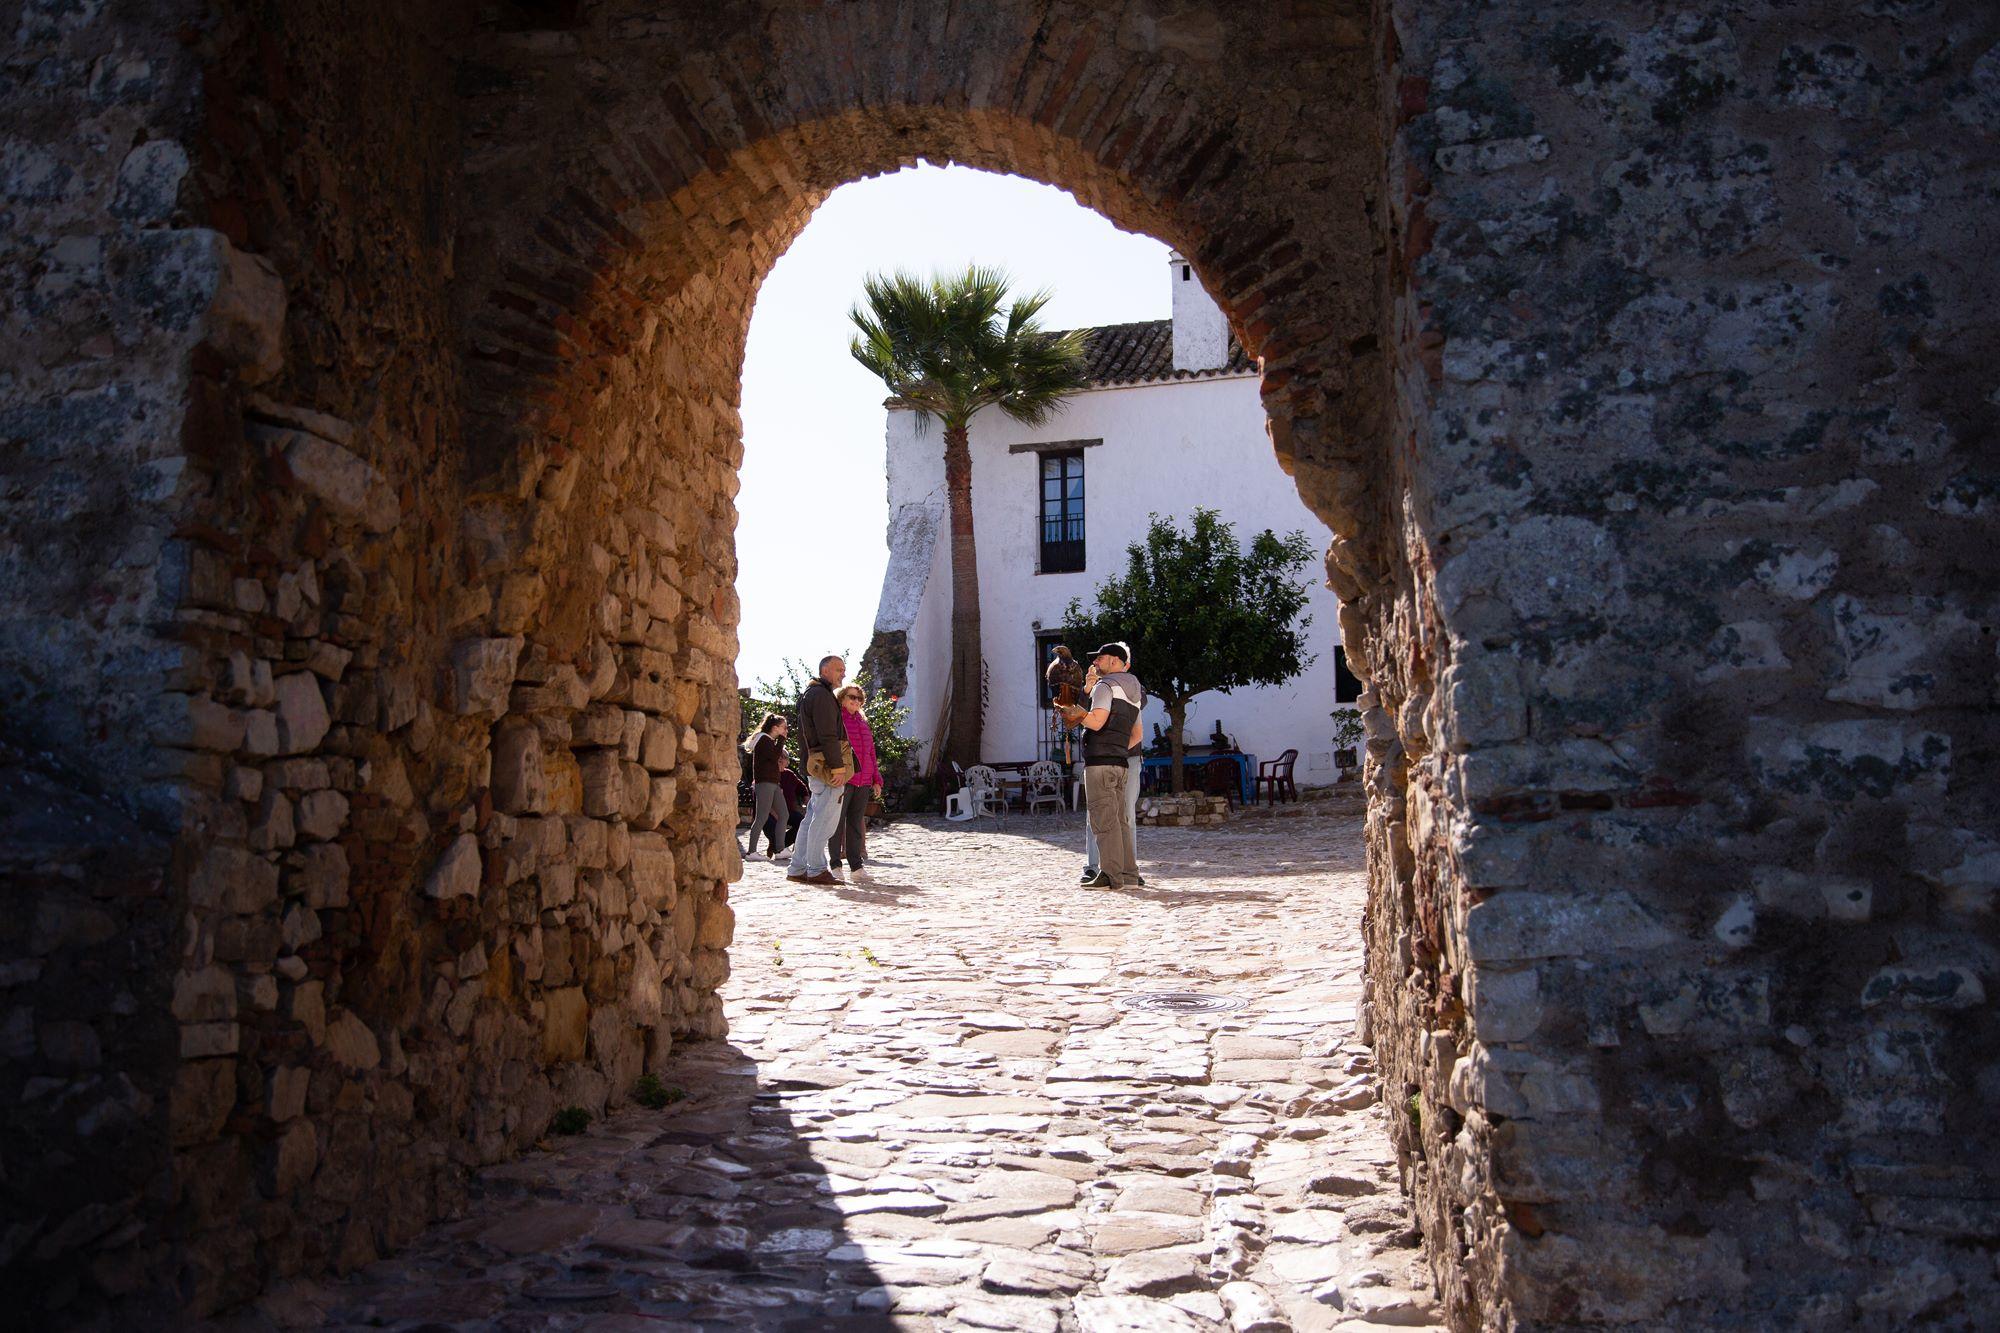 De los 200 residentes de Castellar solo 50 viven aquí durante todo el año.